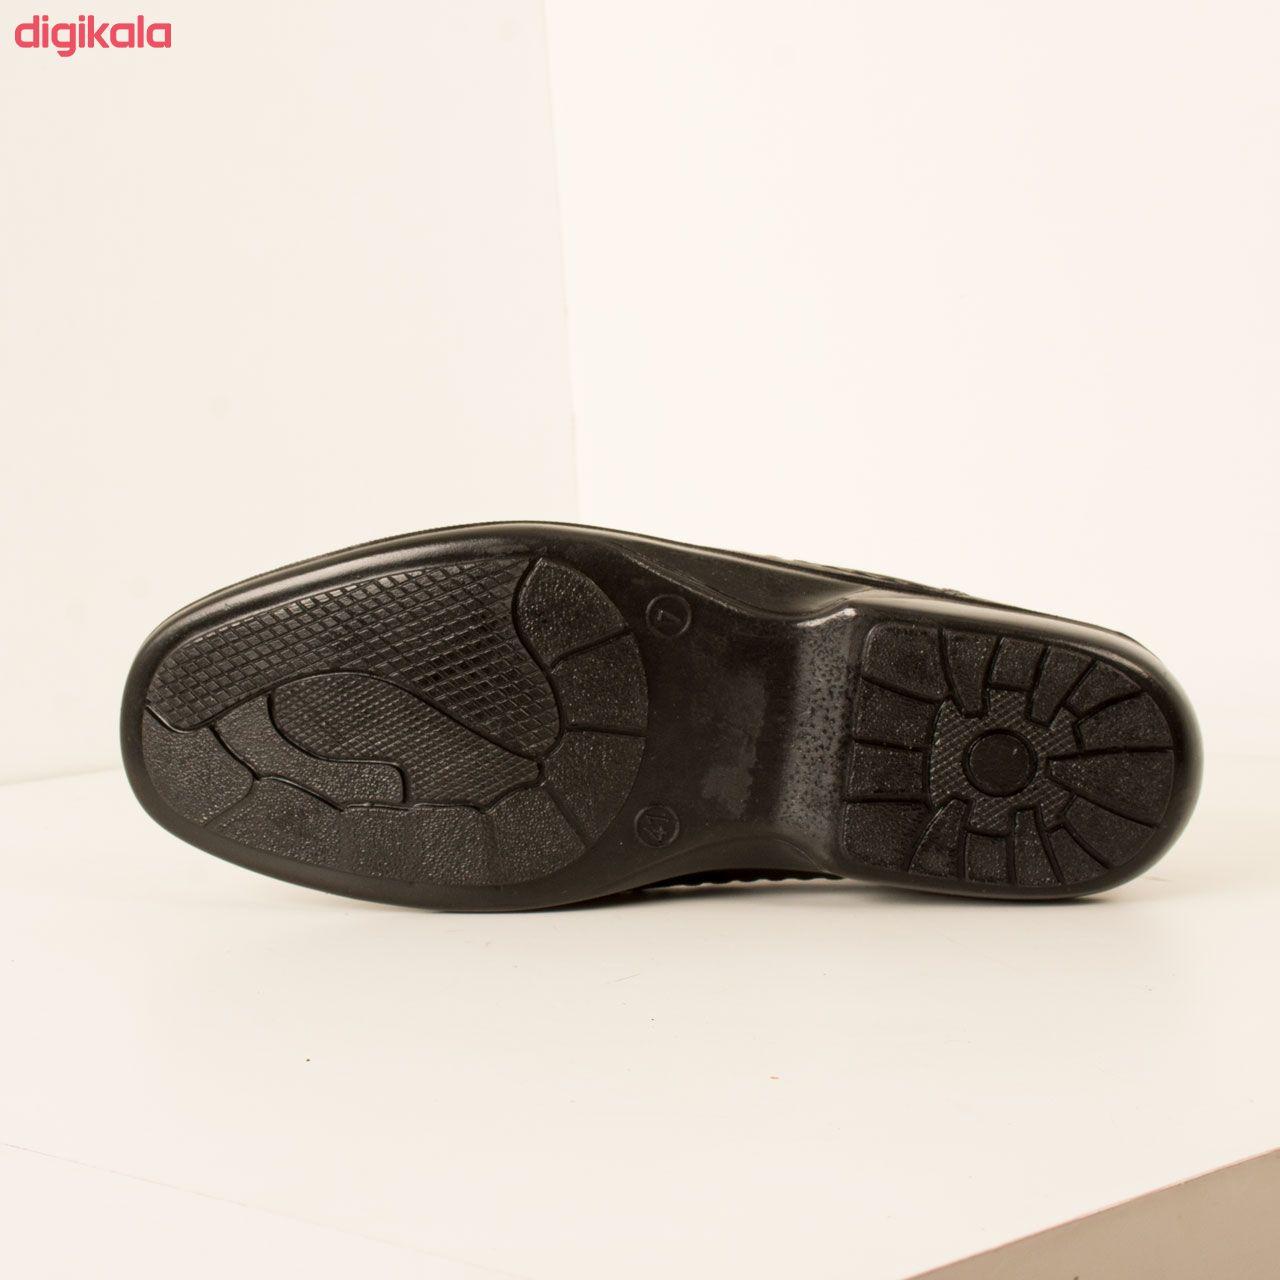 کفش روزمره مردانه پارینه چرم مدل SHO207